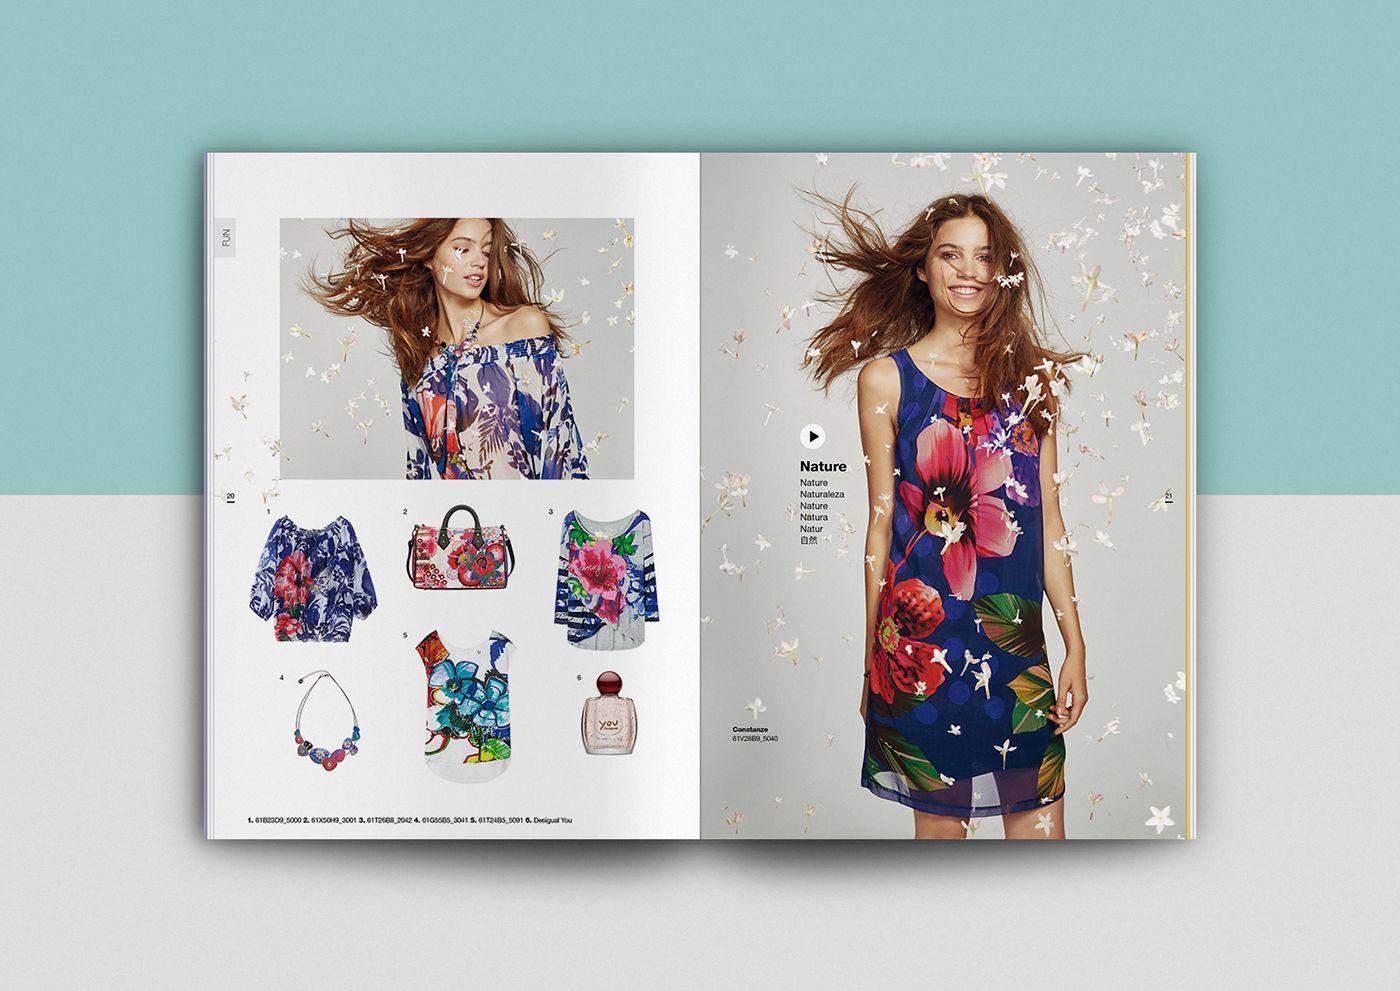 Thiết kế catalogue chuyên nghiệp về thời trang.